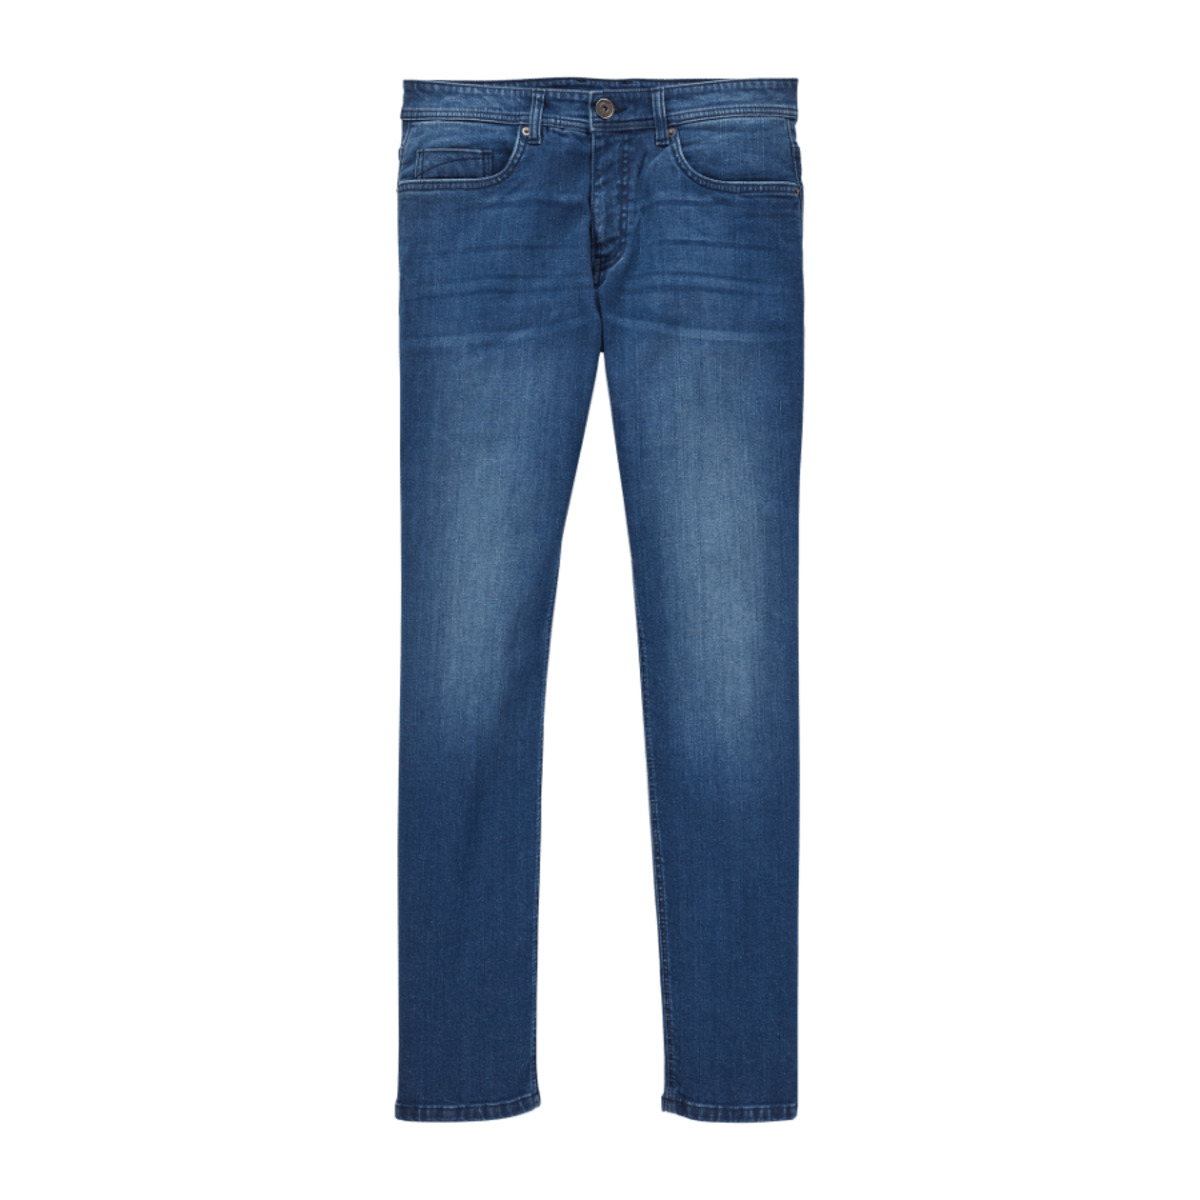 Bild 2 von STRAIGHT UP     Stretch-Jeans